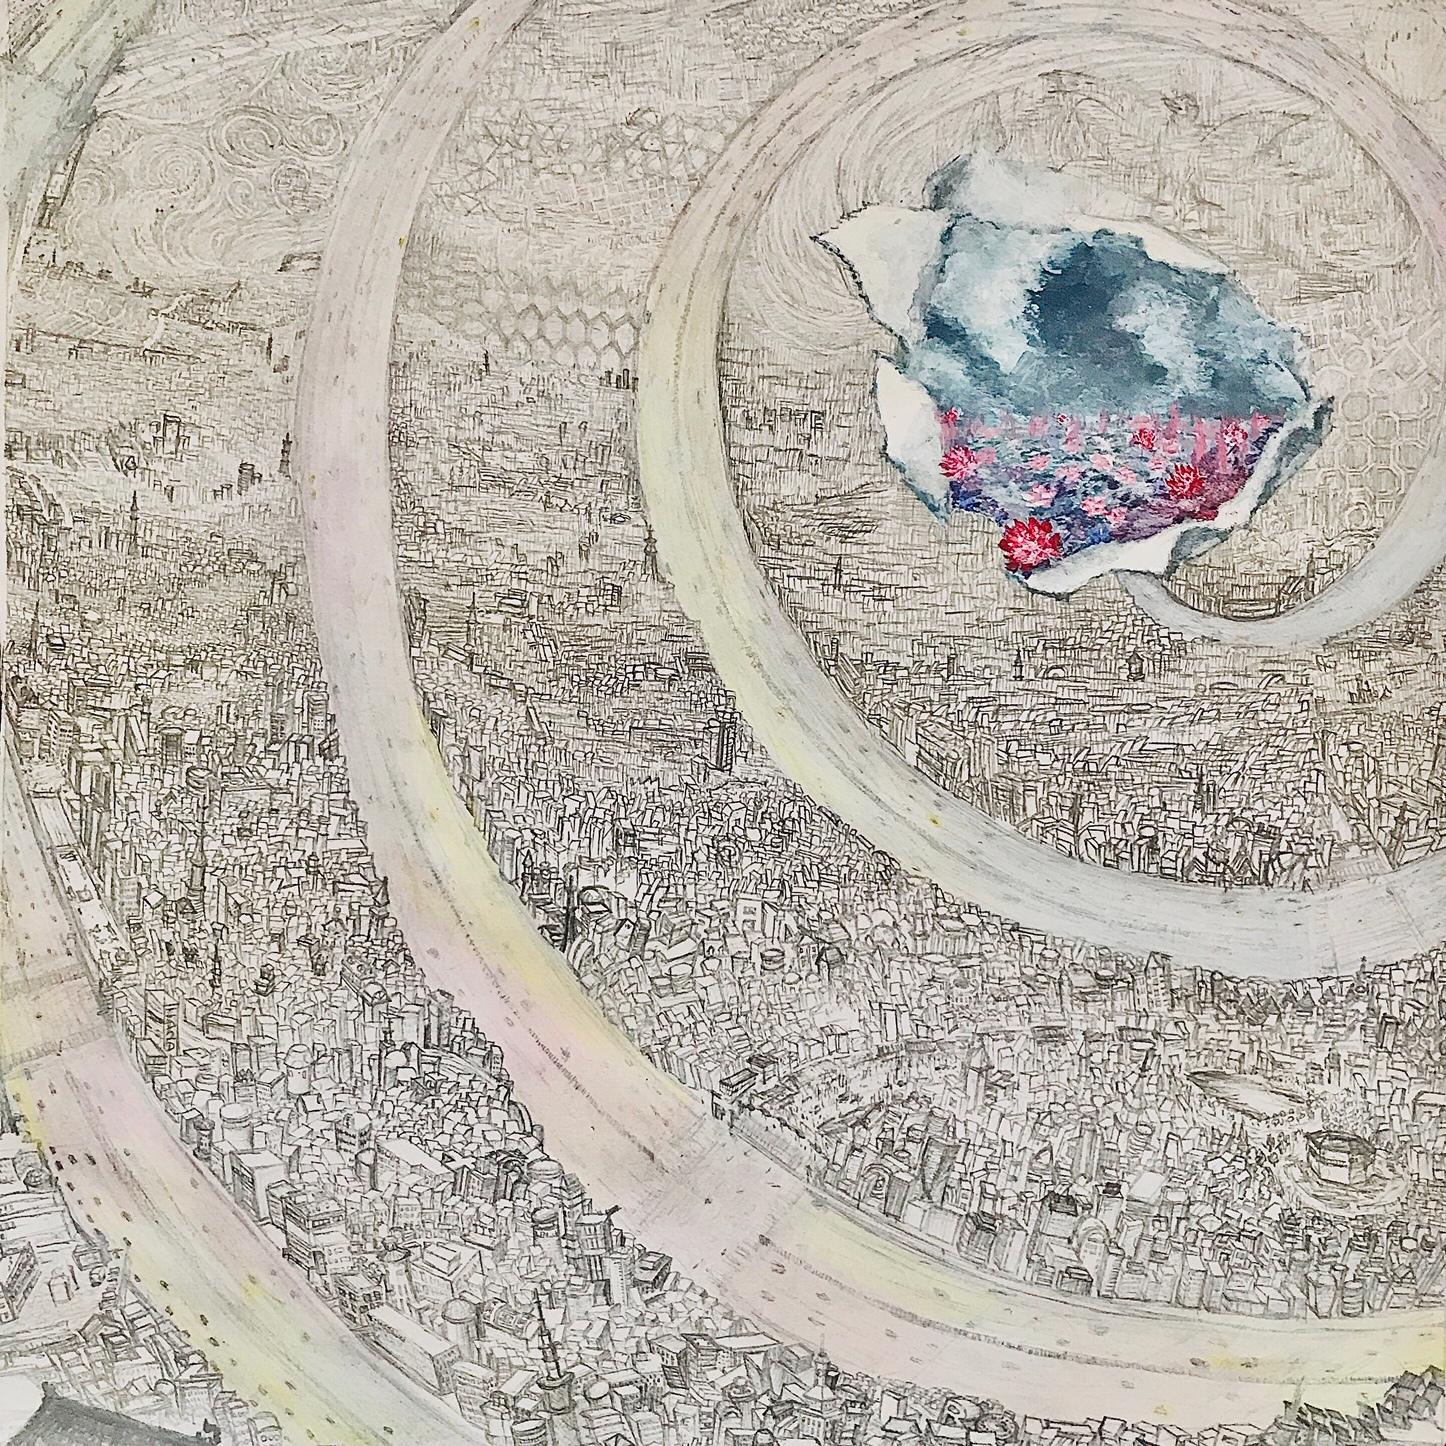 絵画 絵 ピクチャー 縁起画 モダン シェアハウス アートパネル アート art 14cm×14cm 一人暮らし 送料無料 インテリア 雑貨 壁掛け 置物 おしゃれ 水彩画 景色 街 抽象画 ロココロ 画家 : MP 作品 : 無彩色